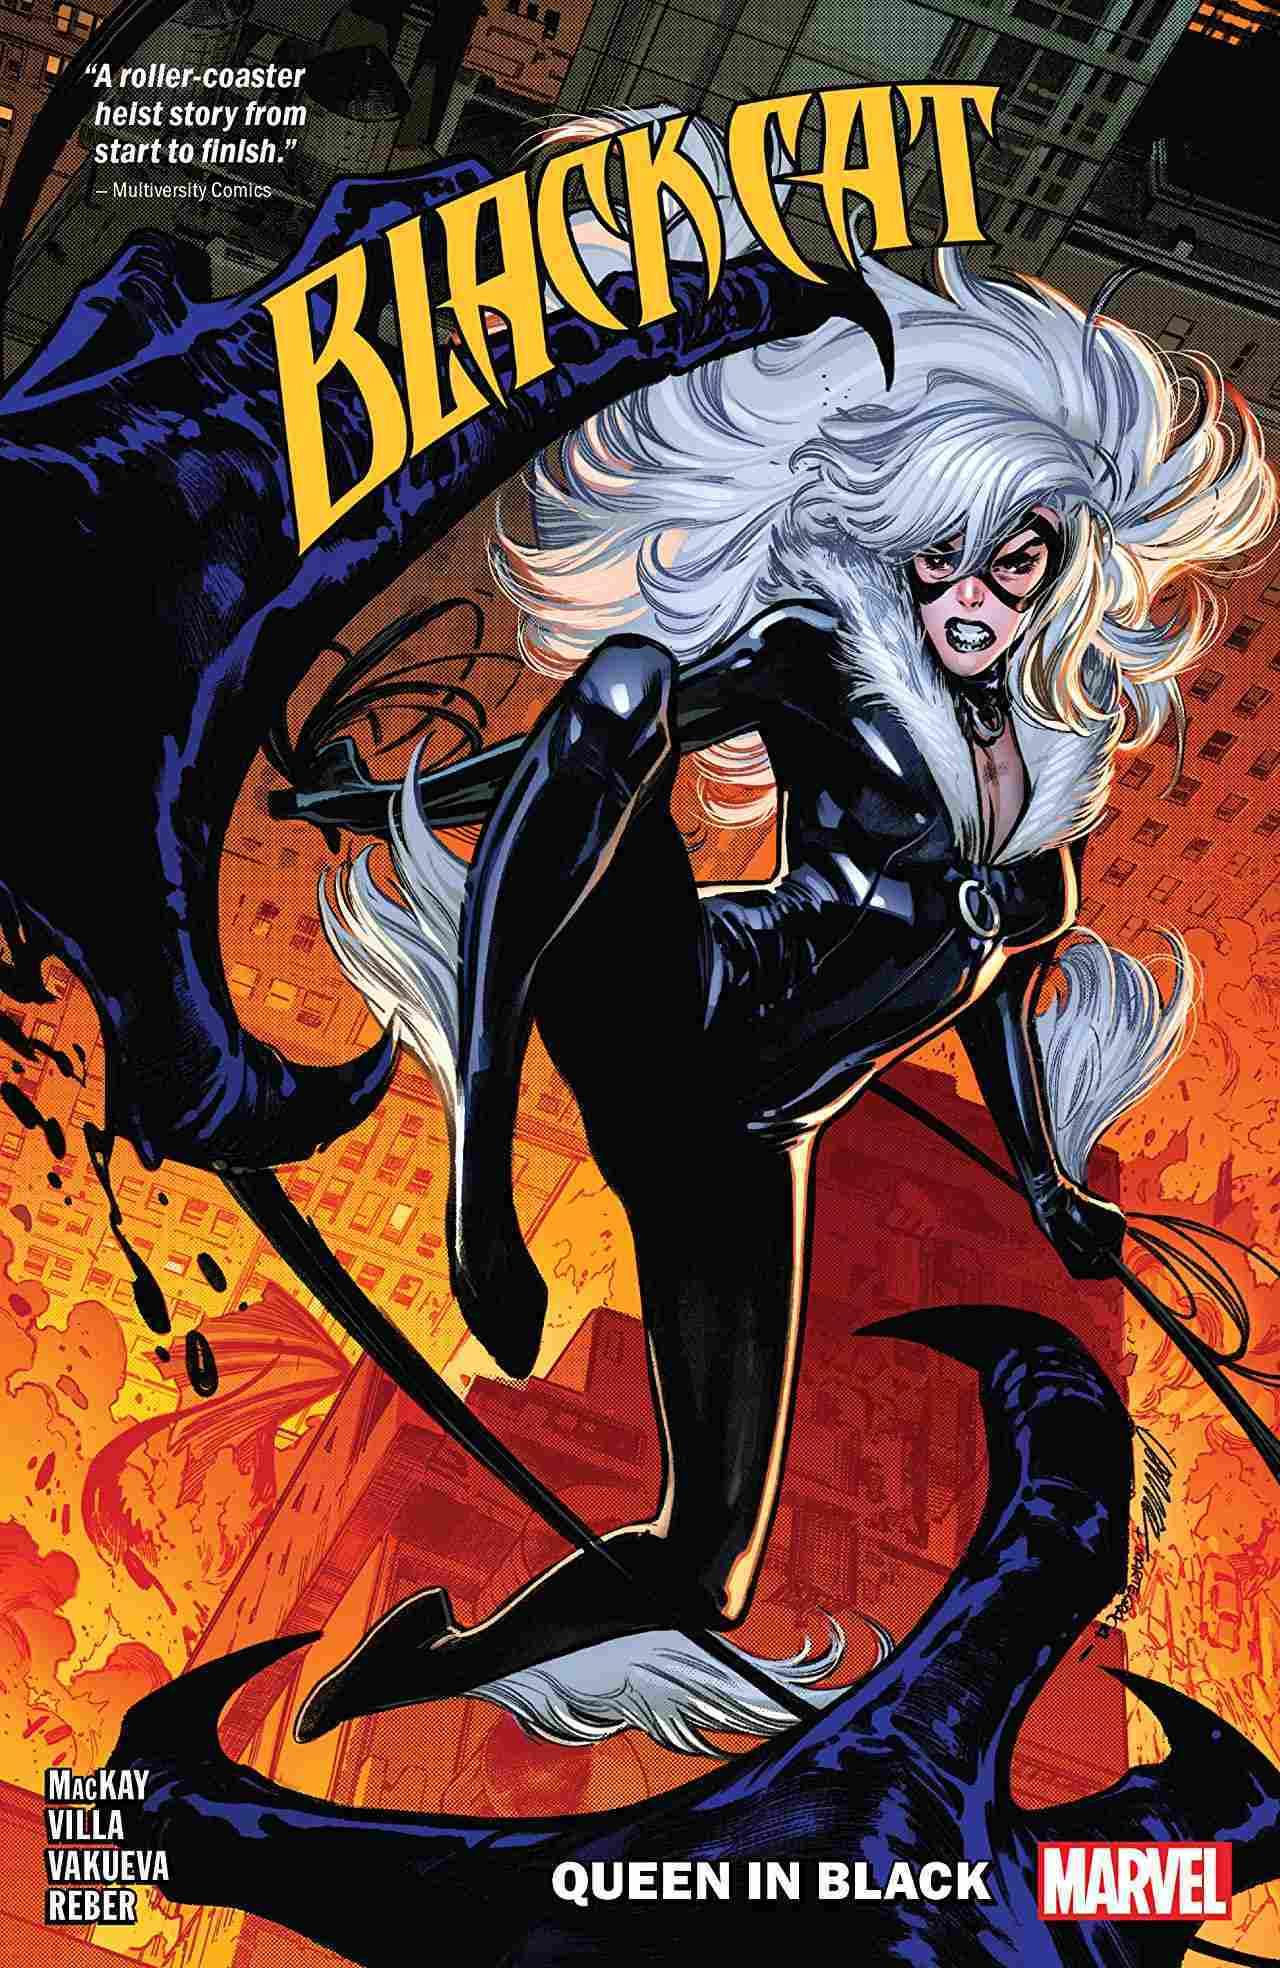 Black Cat Vol 4 Queen In Black